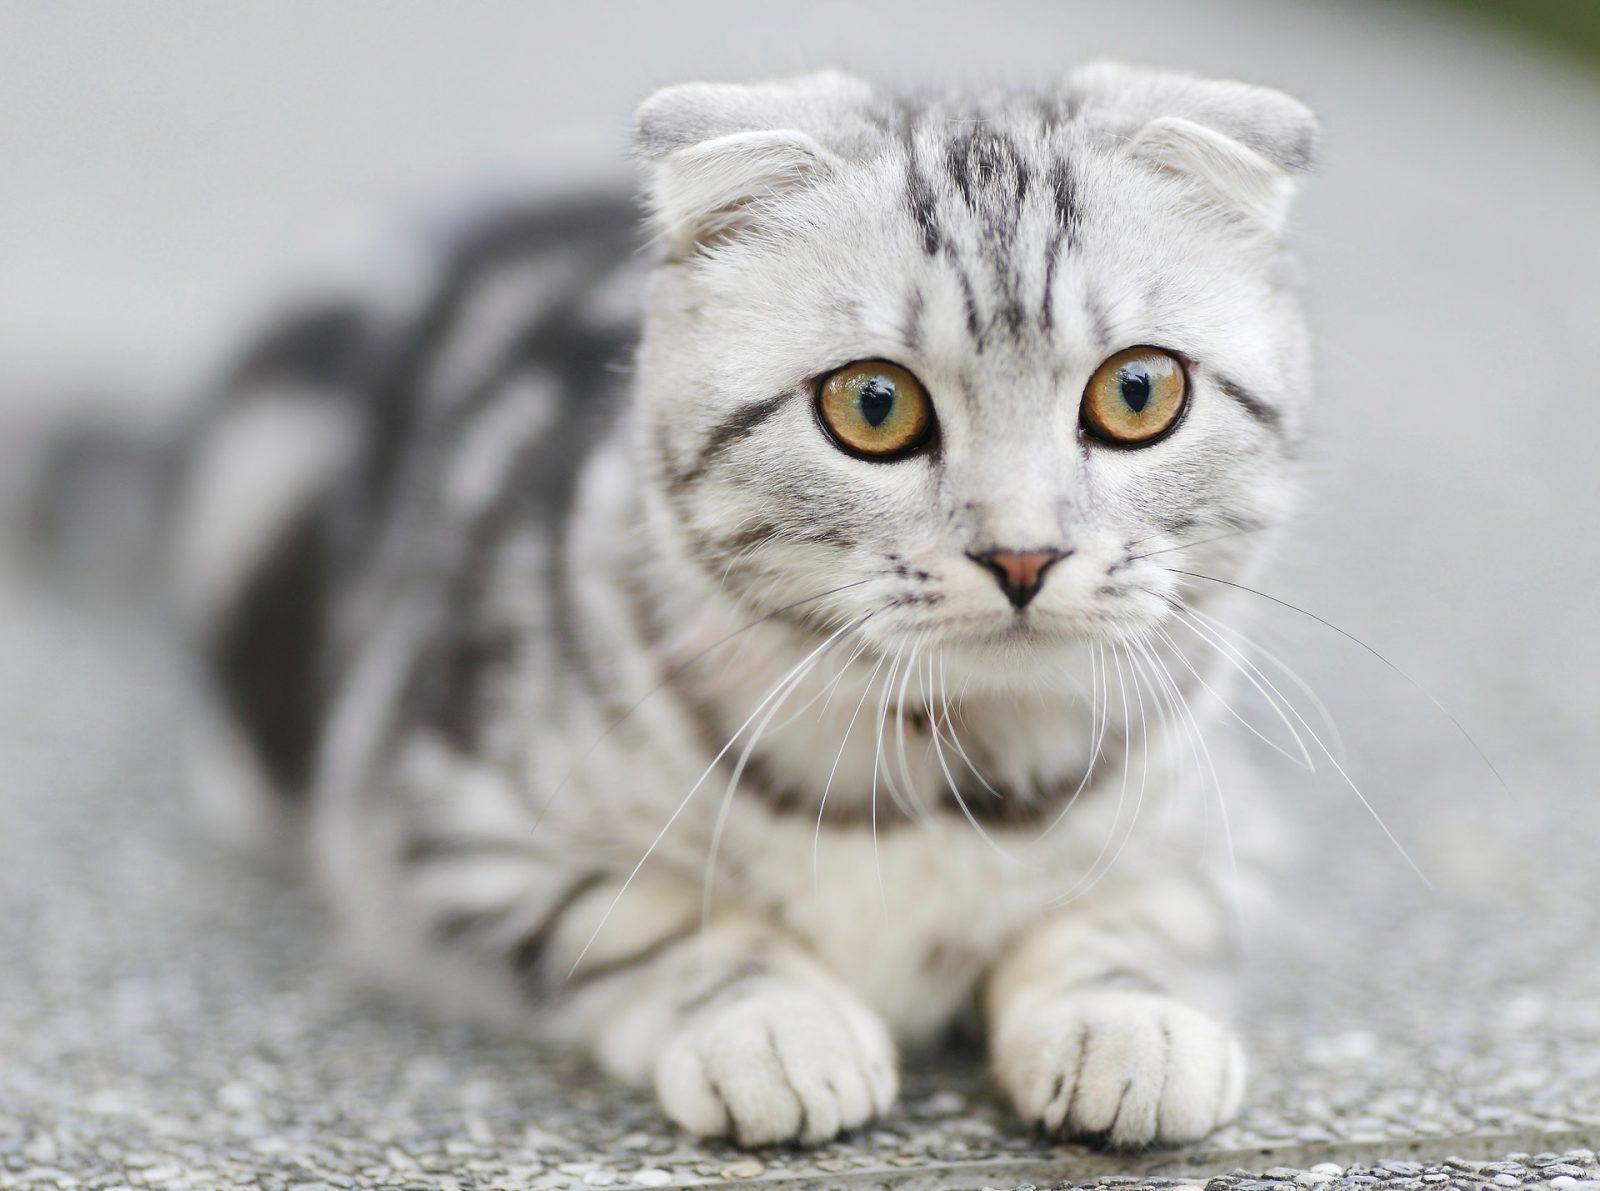 Sonhar com gato preto e branco é sinal para se alegrar.